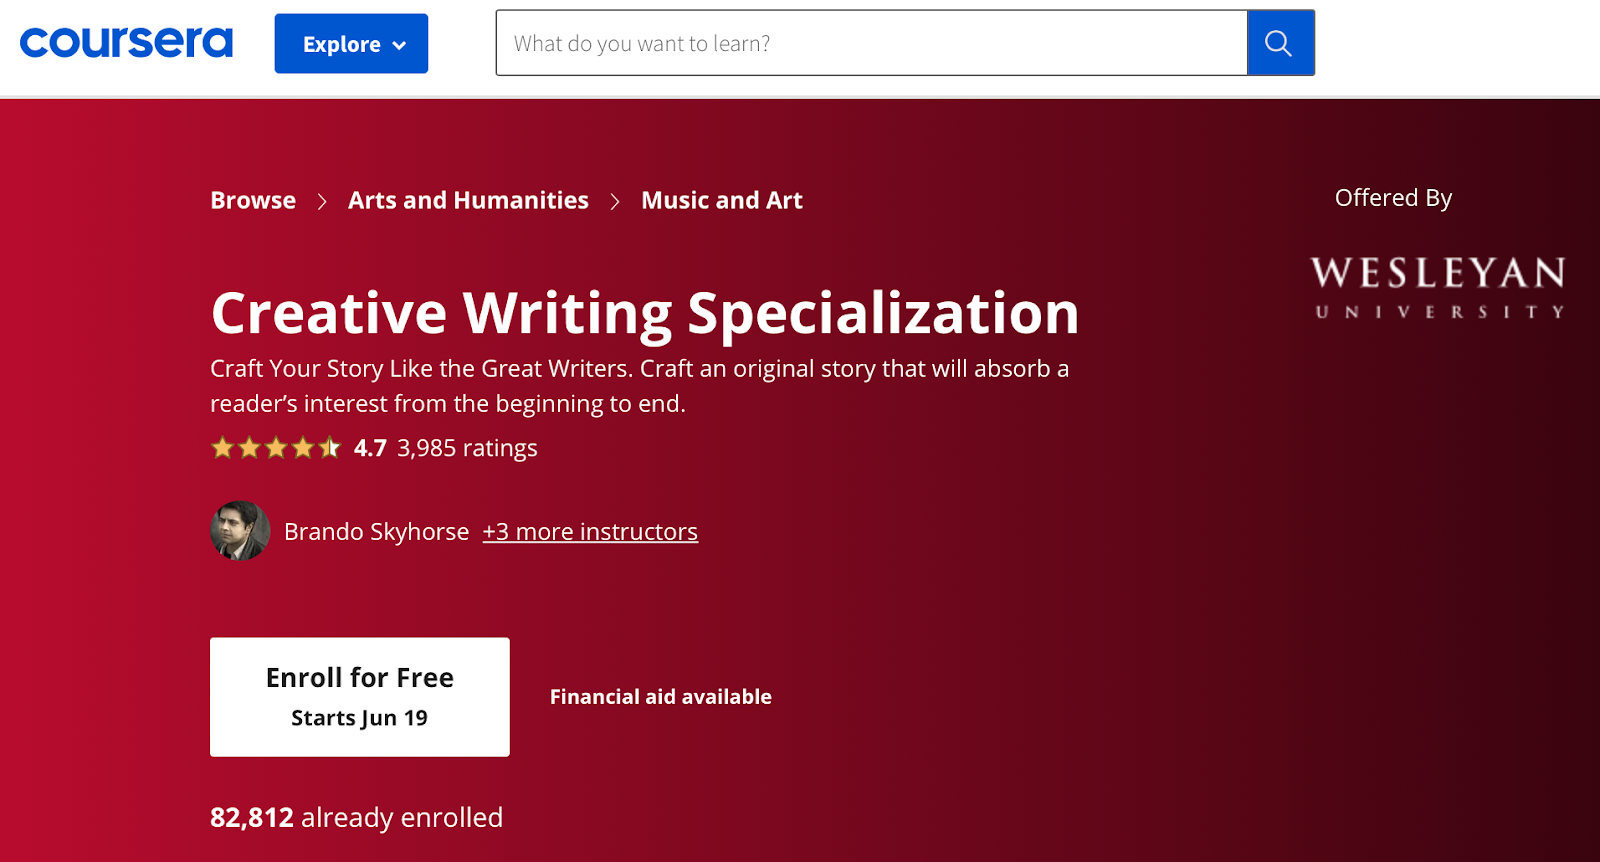 Los mejores cursos de escritura creativa en comparación con Crazy Egg - 1630929381 581 Los mejores cursos de escritura creativa en comparacion con Crazy